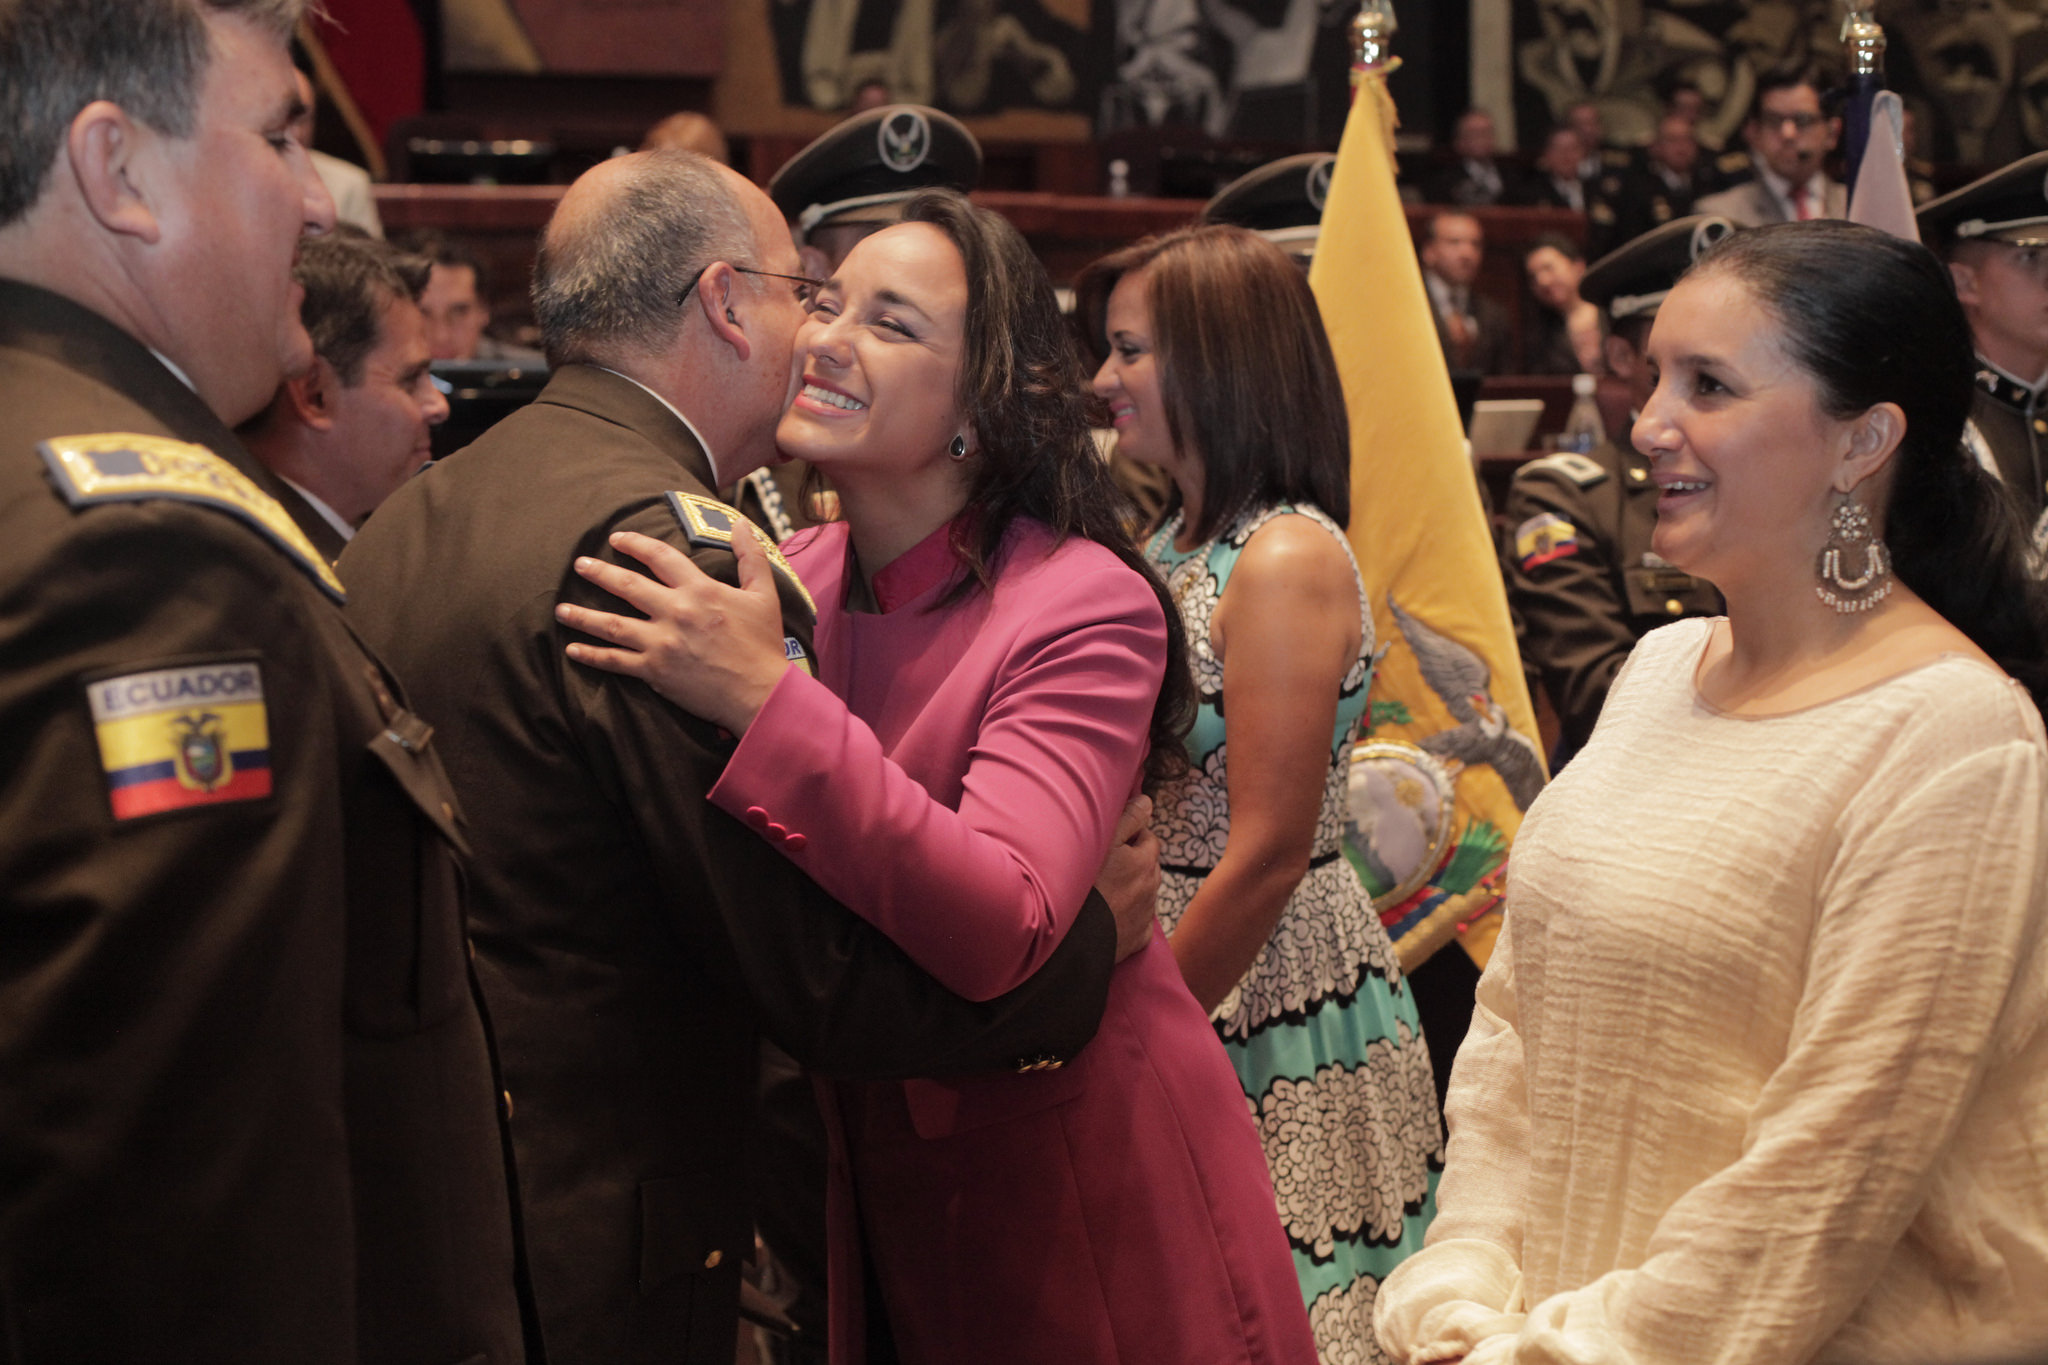 Foto: Flickr Asamblea Nacional del Ecuador